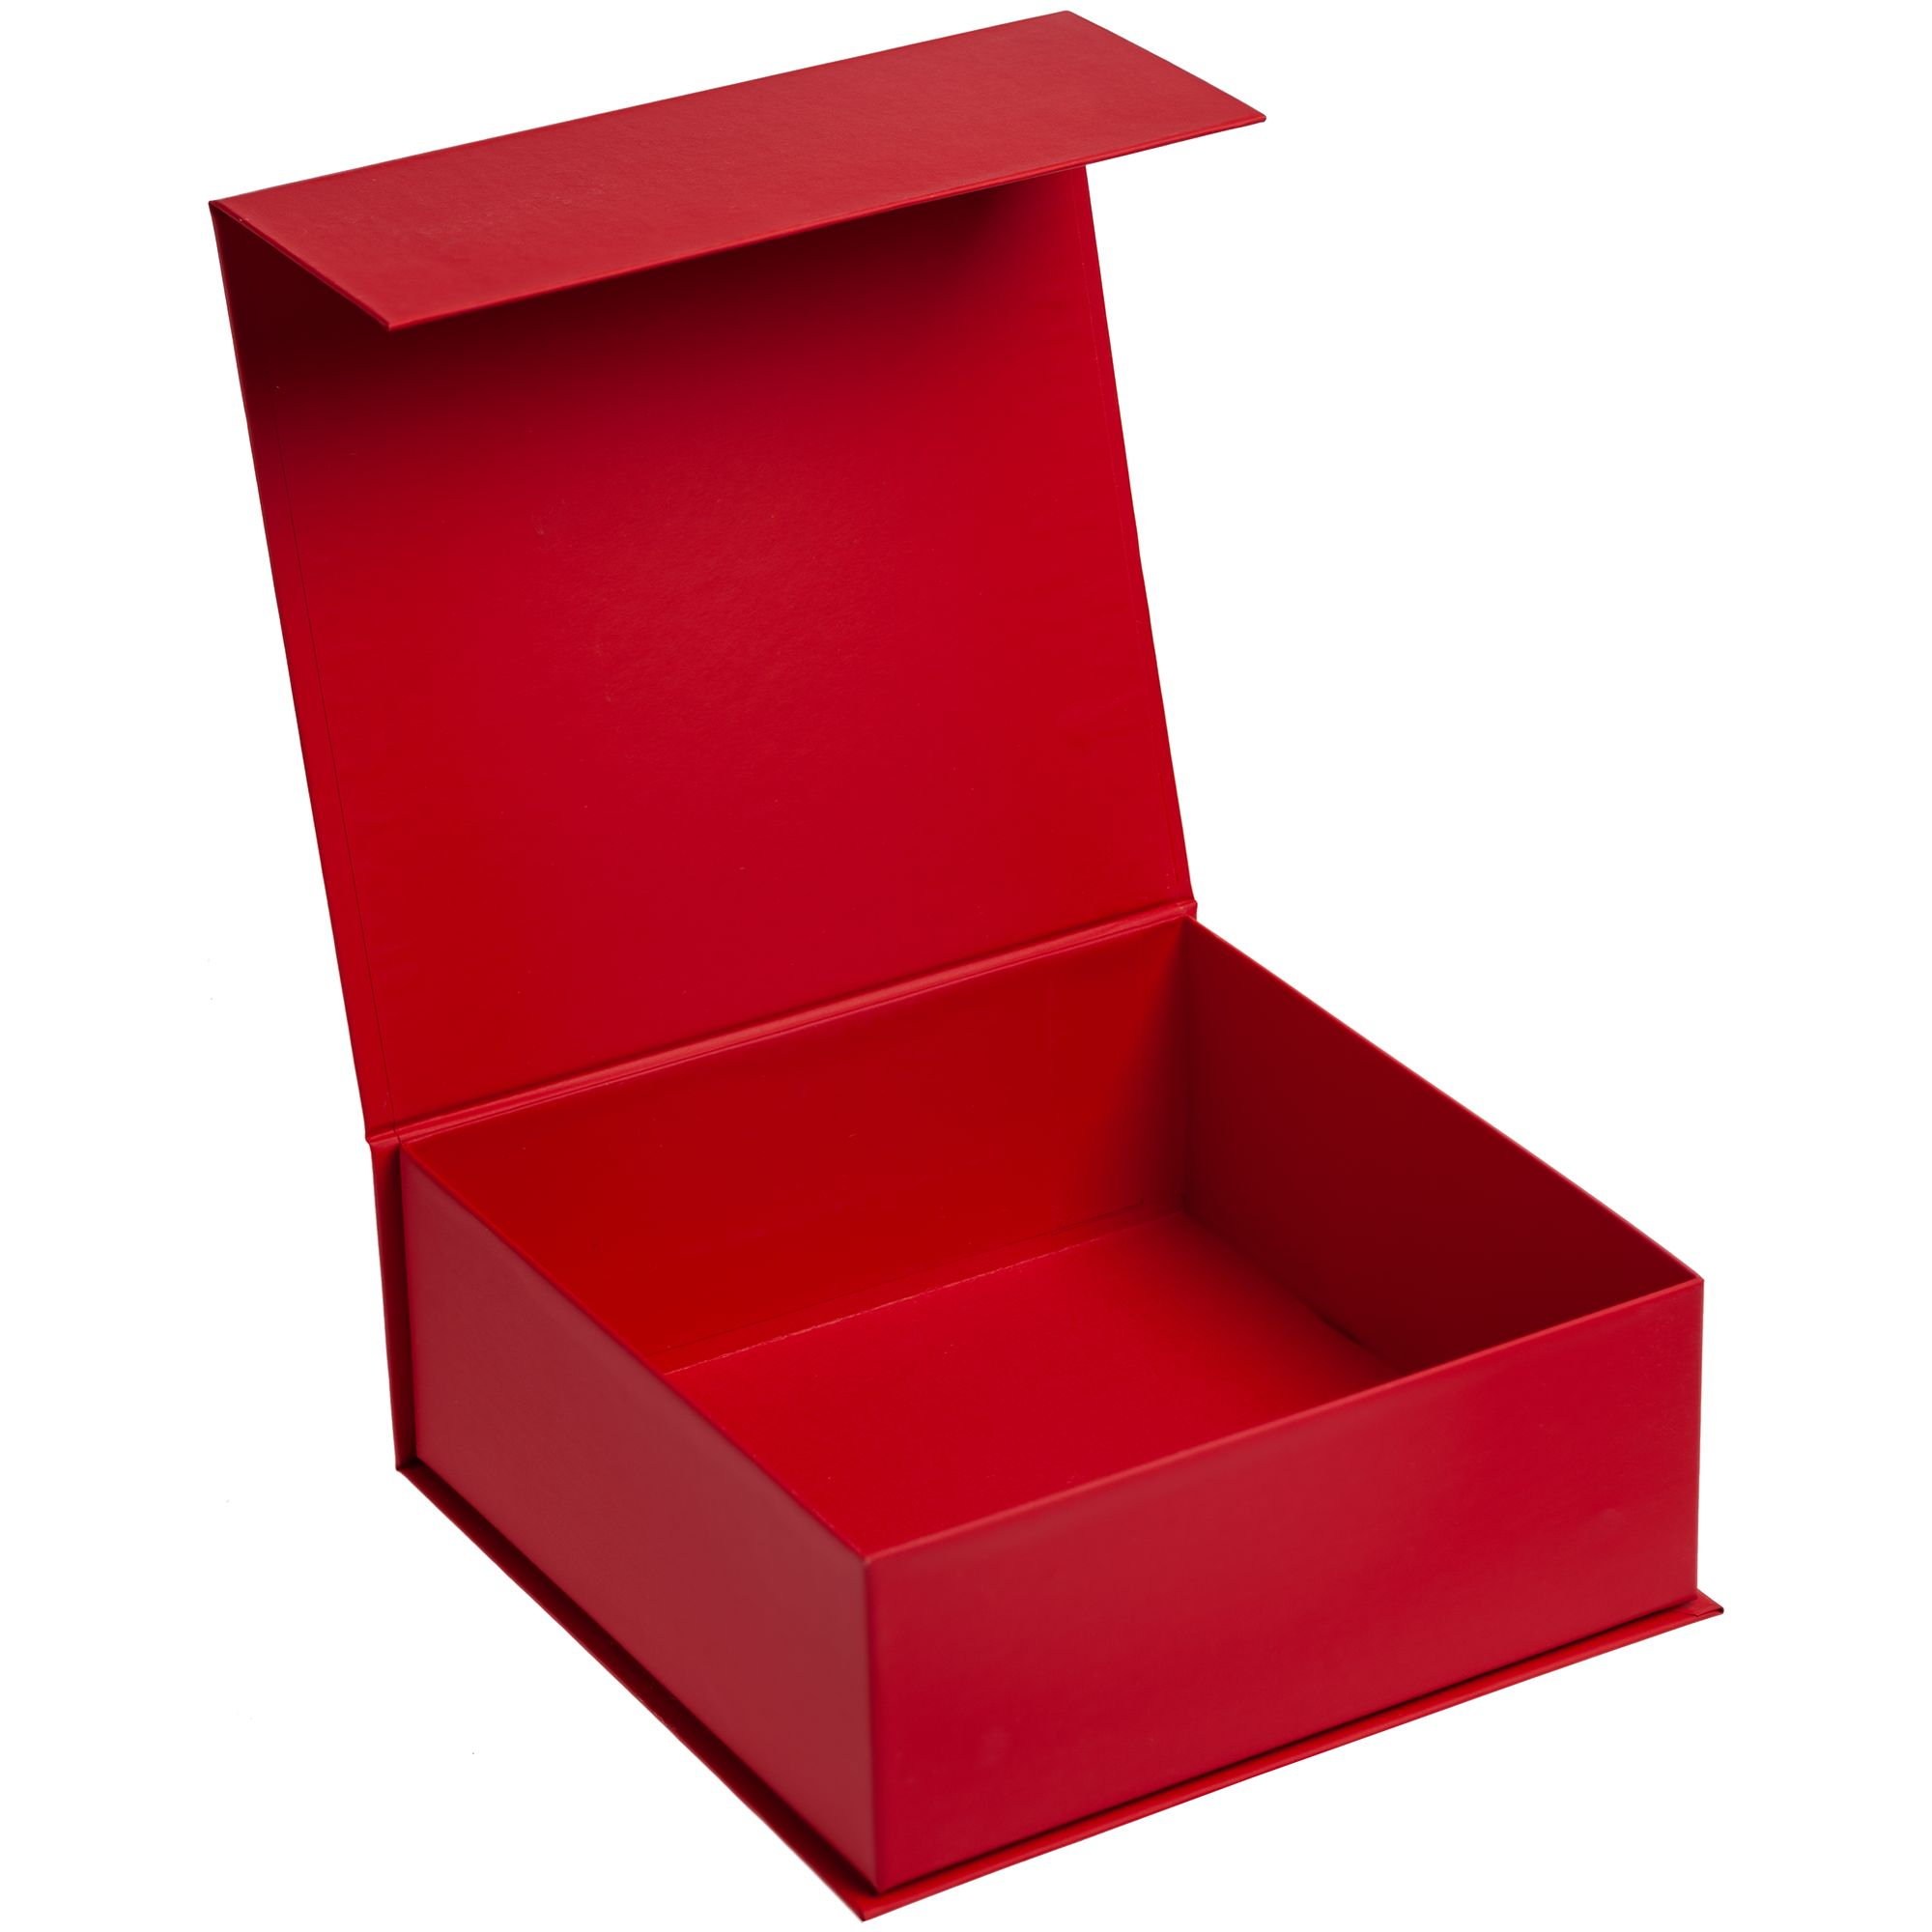 период картинка коробка красная есть несколько способов